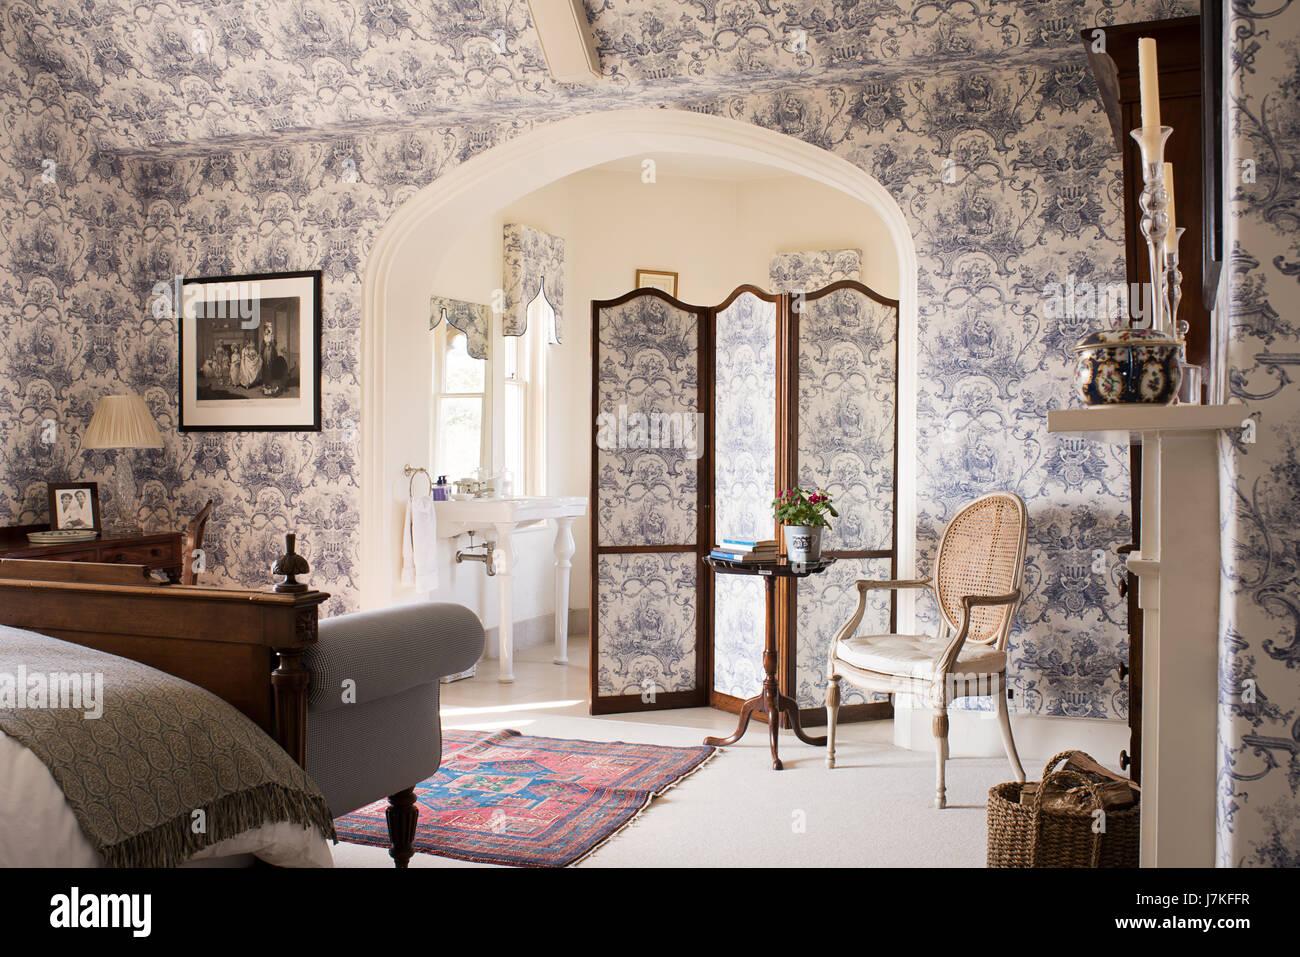 Großen Ensuite-Schlafzimmer mit Toile De Jouy Tapeten und passende Paravent. Stockbild